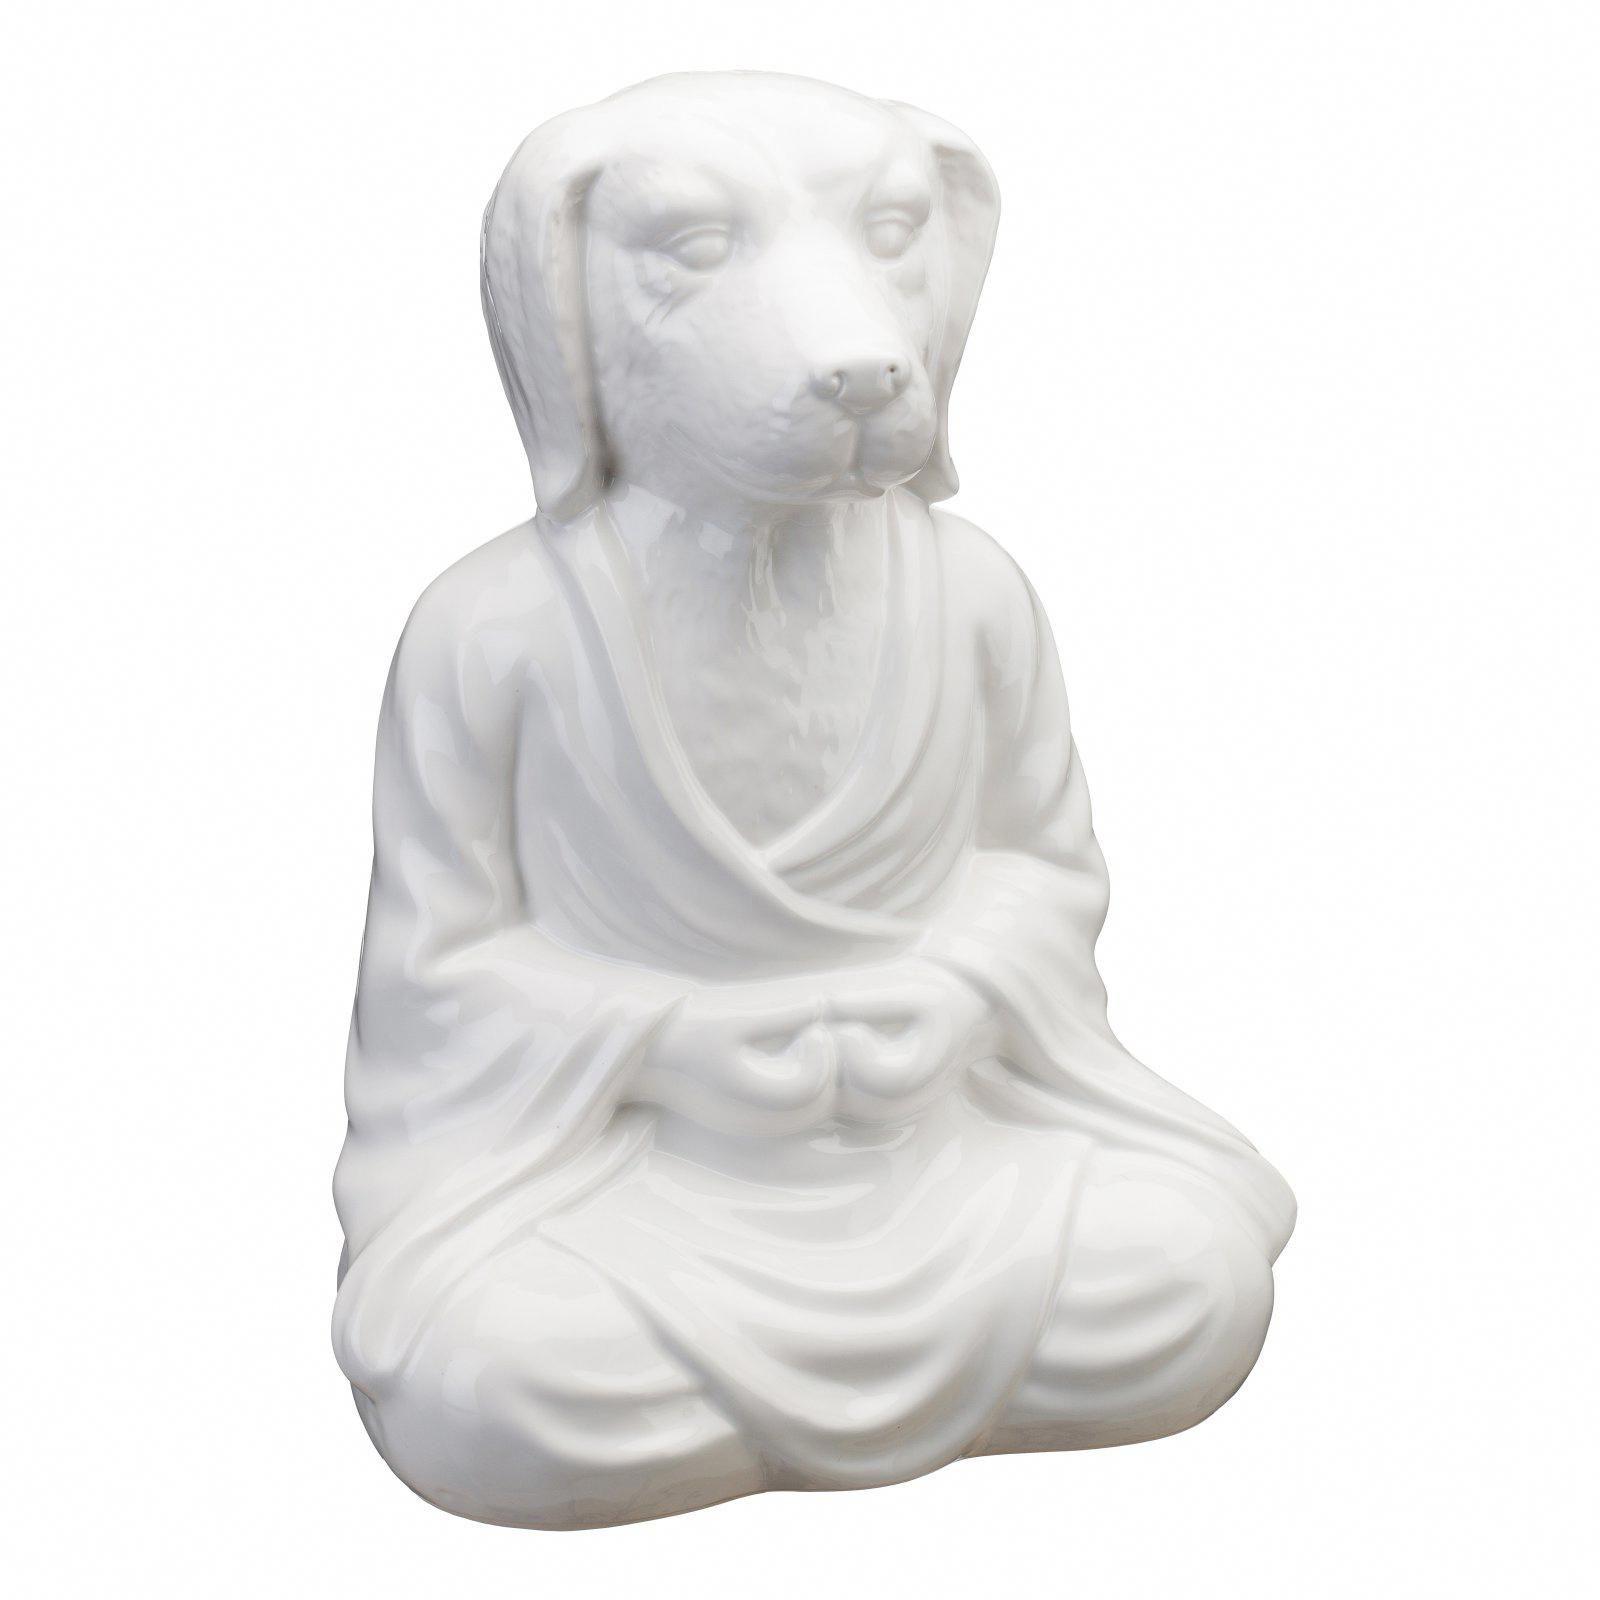 Buy Marble Statues Online Dragonballzstatuesebay Post 8468954004 Statues Zen Garden Zen Dog Outdoor Statues